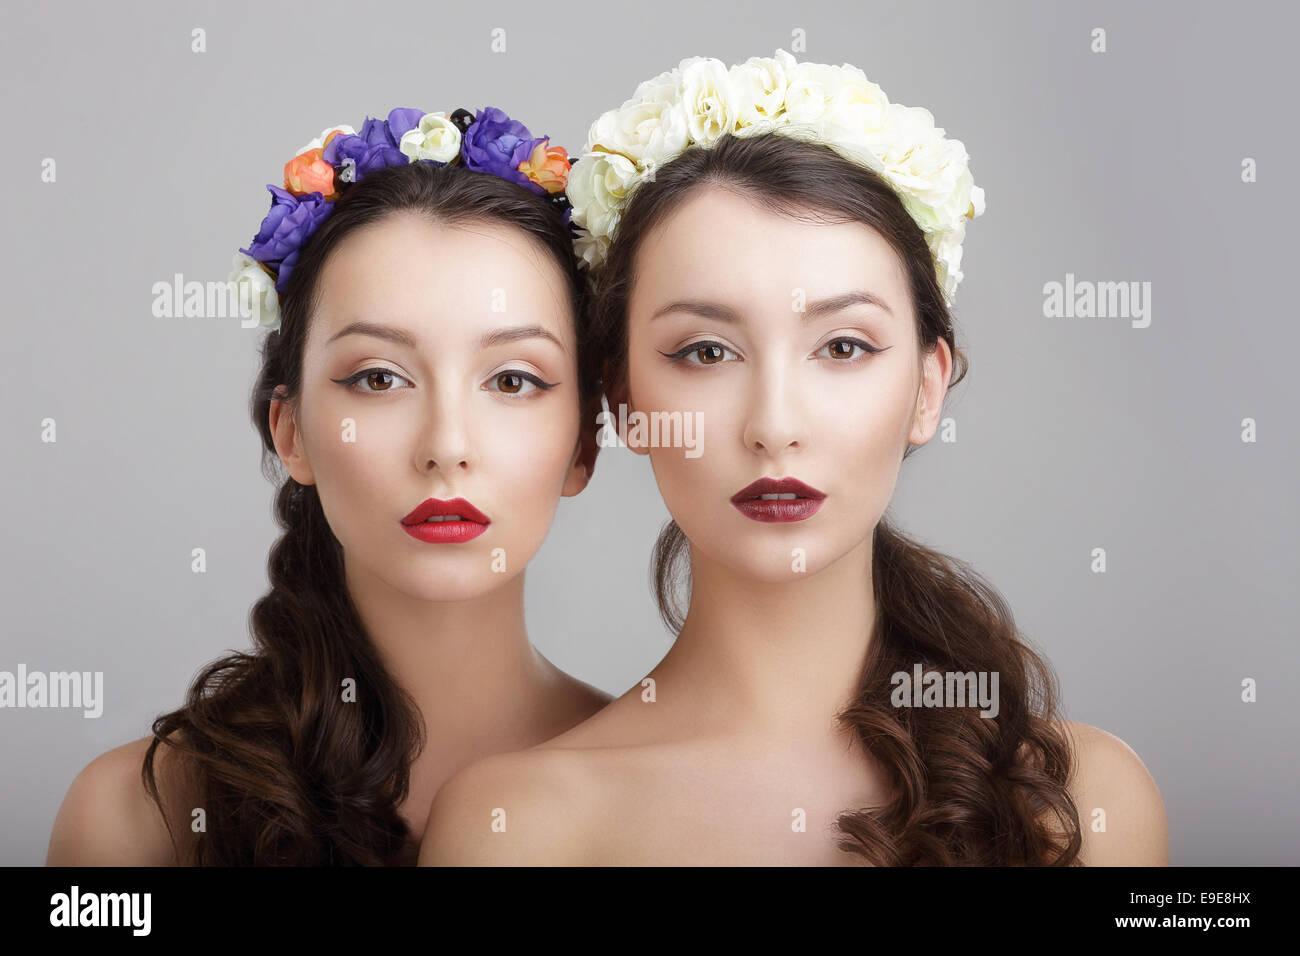 La elegancia. Dos mujeres con coronas de flores. Fantasy Imagen De Stock